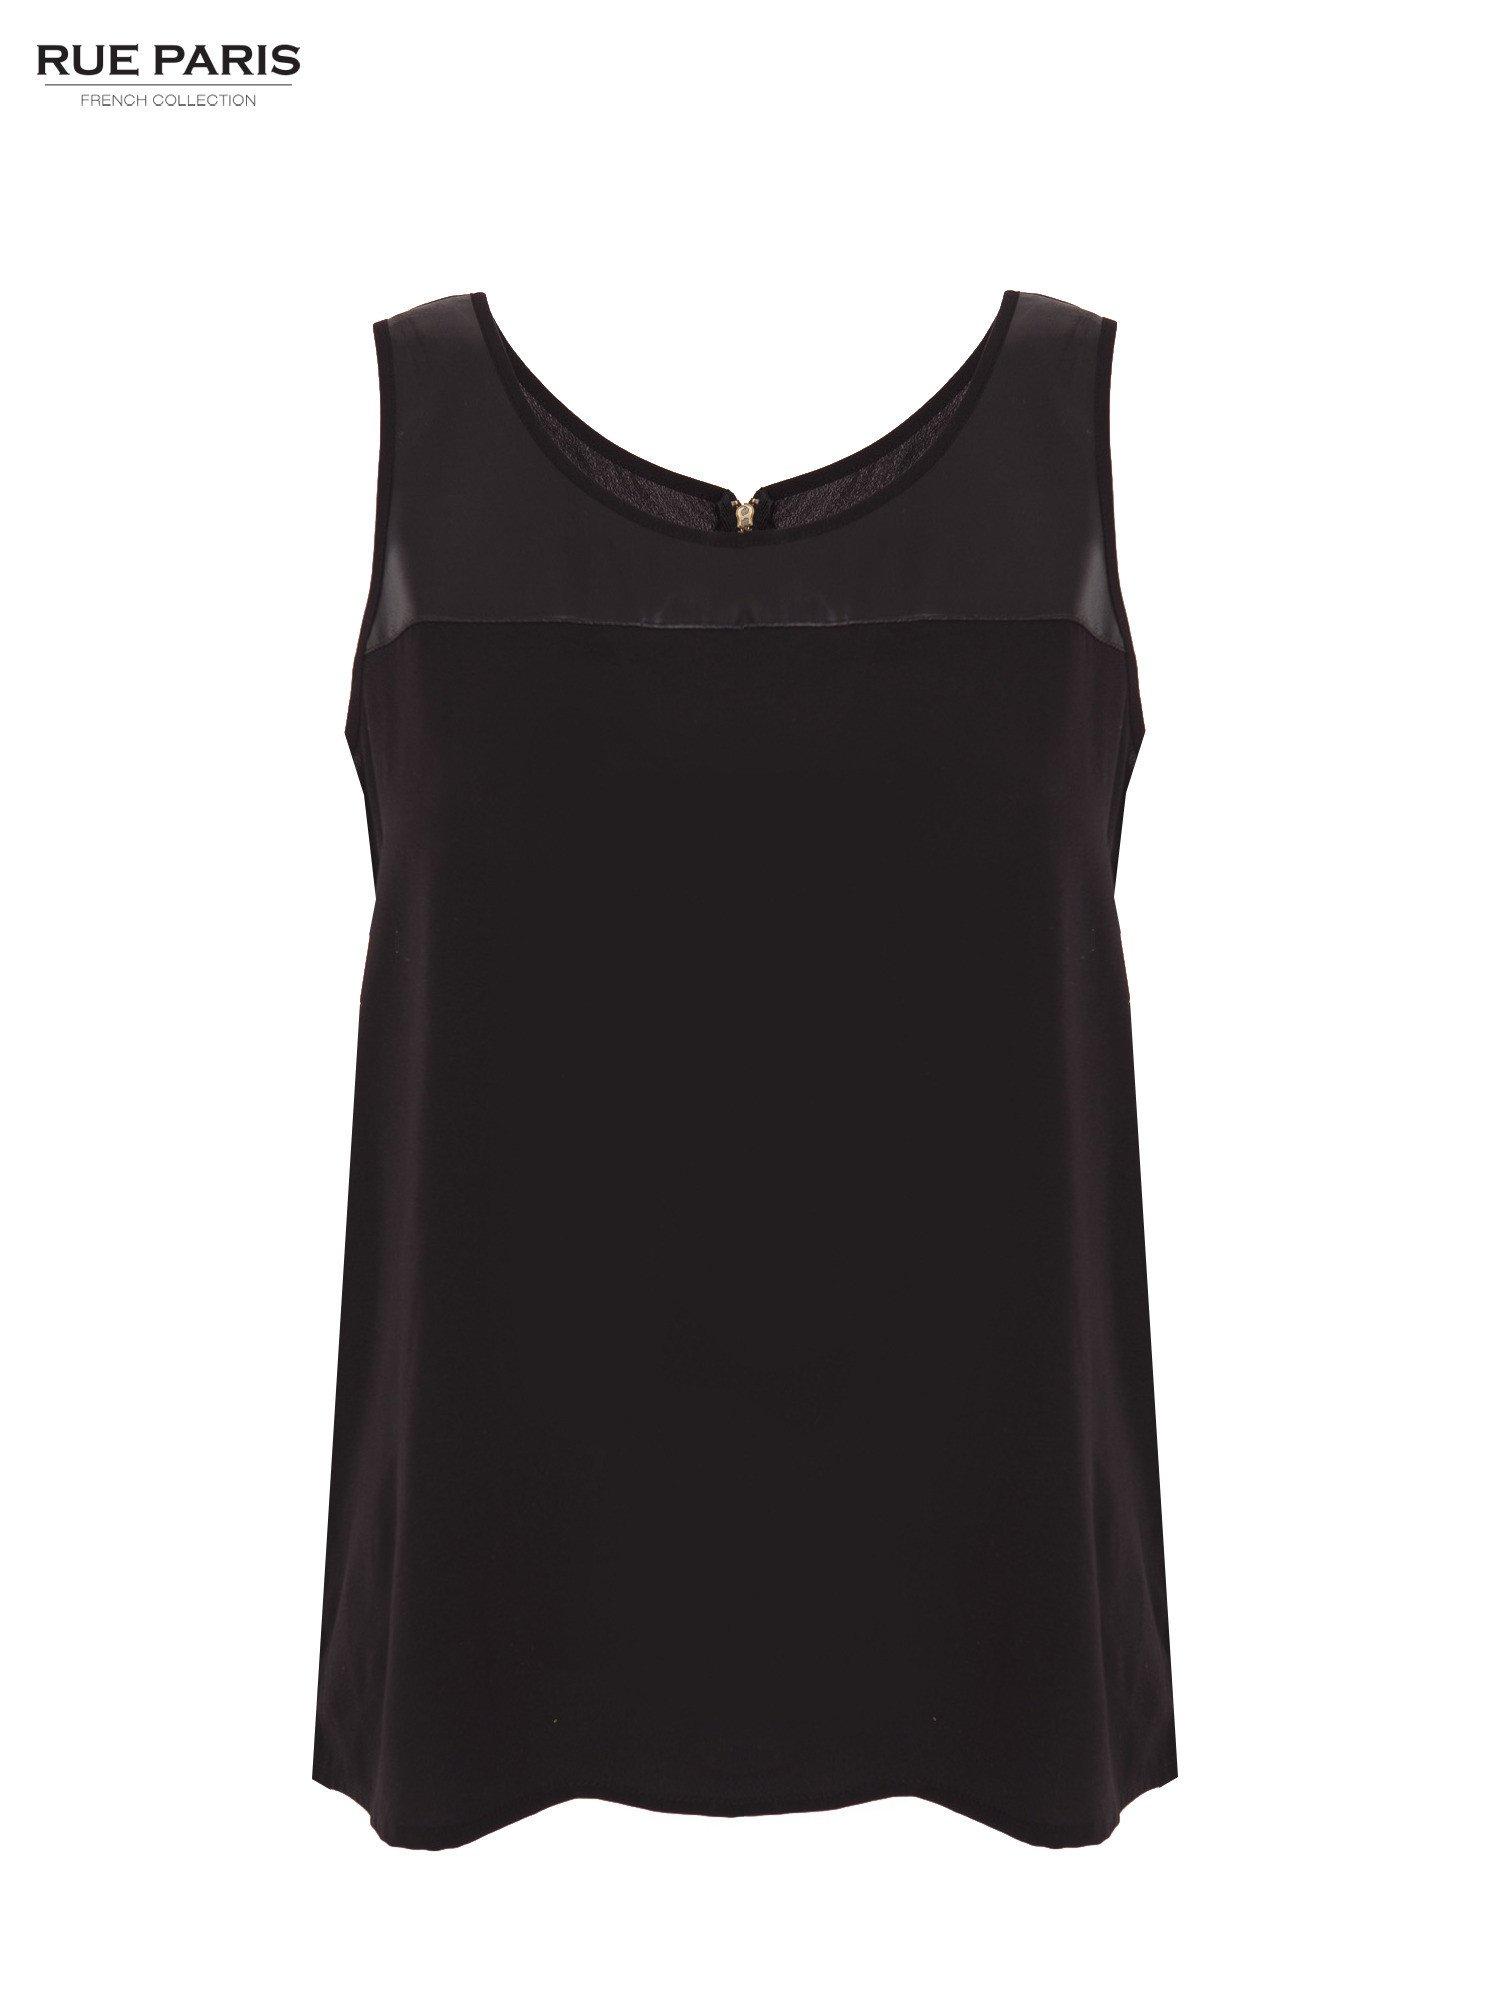 Czarna koszula z łączonych materiałów z suwakiem z tyłu                                  zdj.                                  1